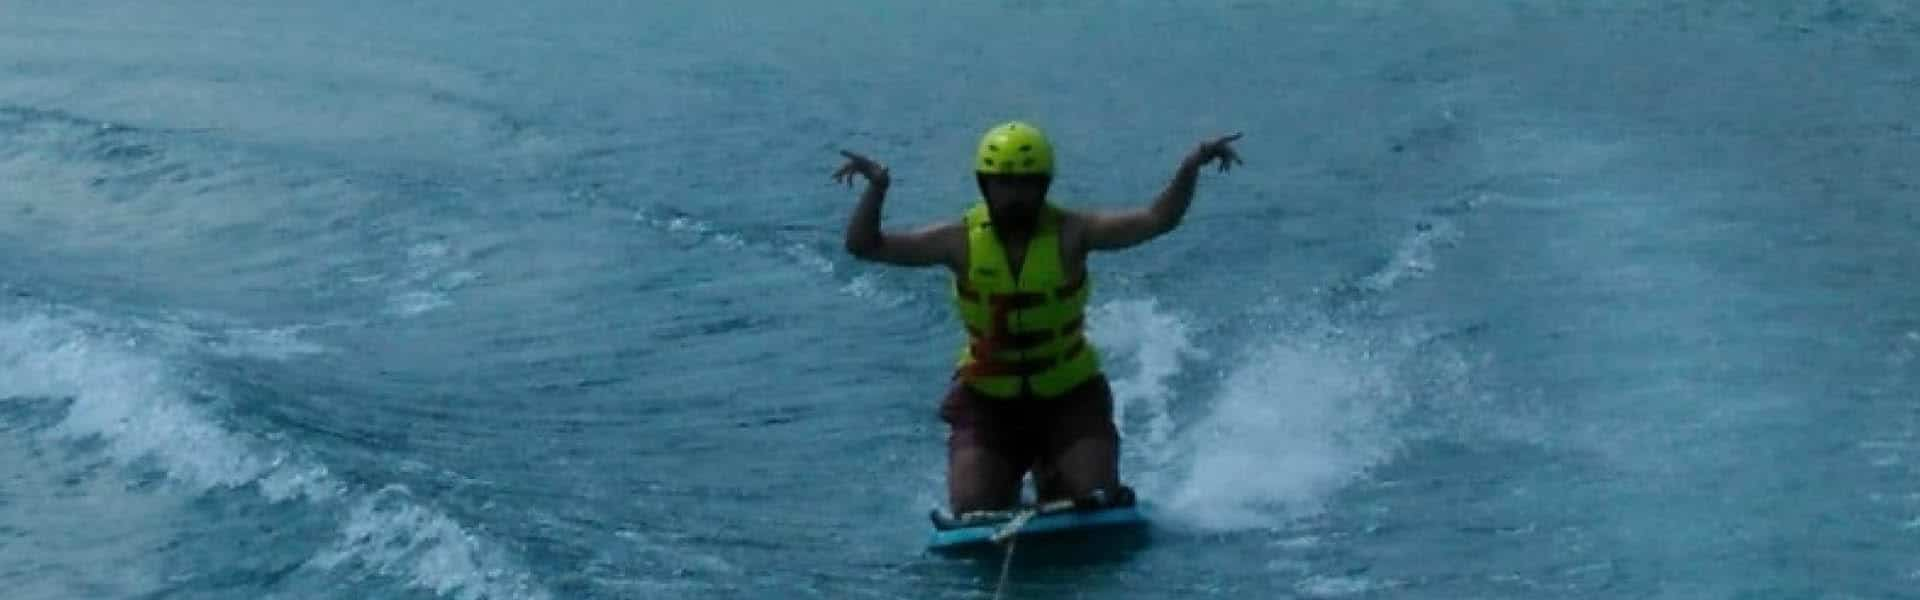 Pasadas de Esquí Surf